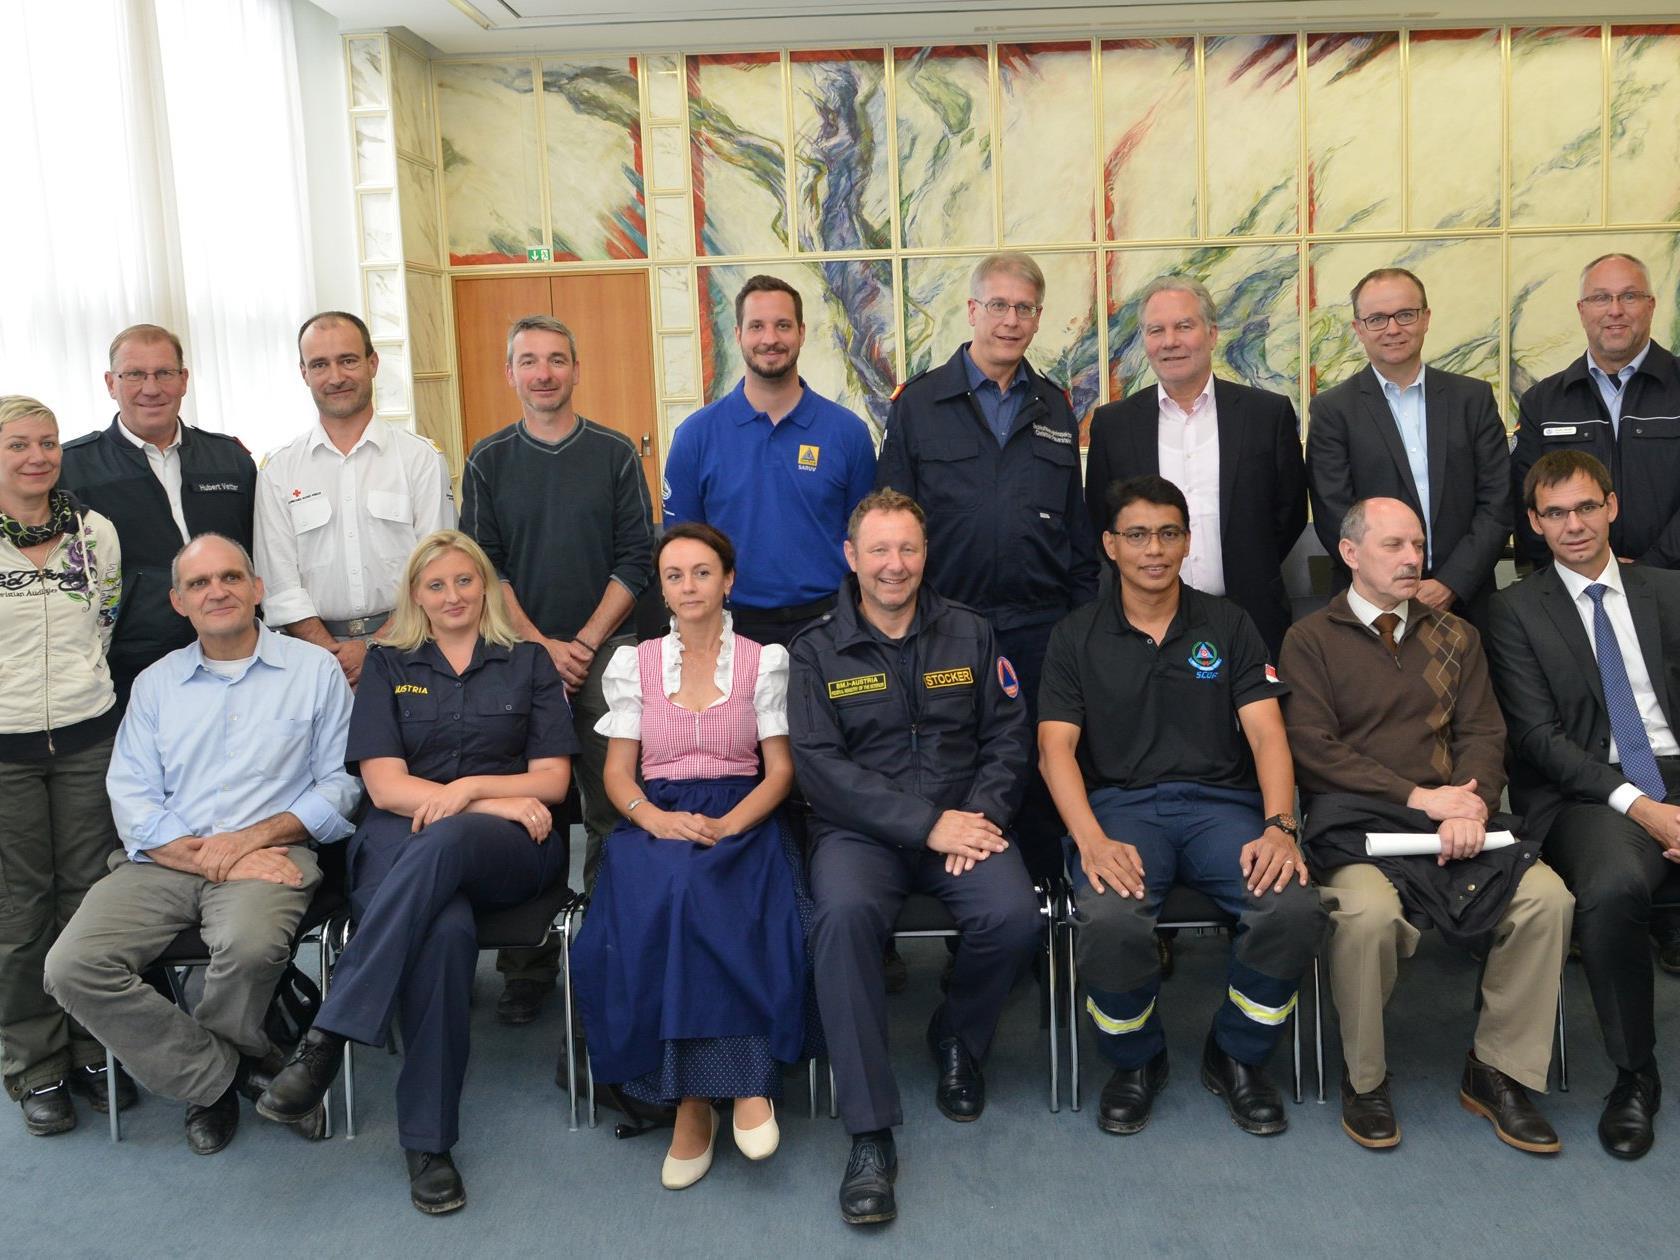 Empfang im Landhaus zur IER Reklassifizierung der Search and Rescue Unit Vorarlberg